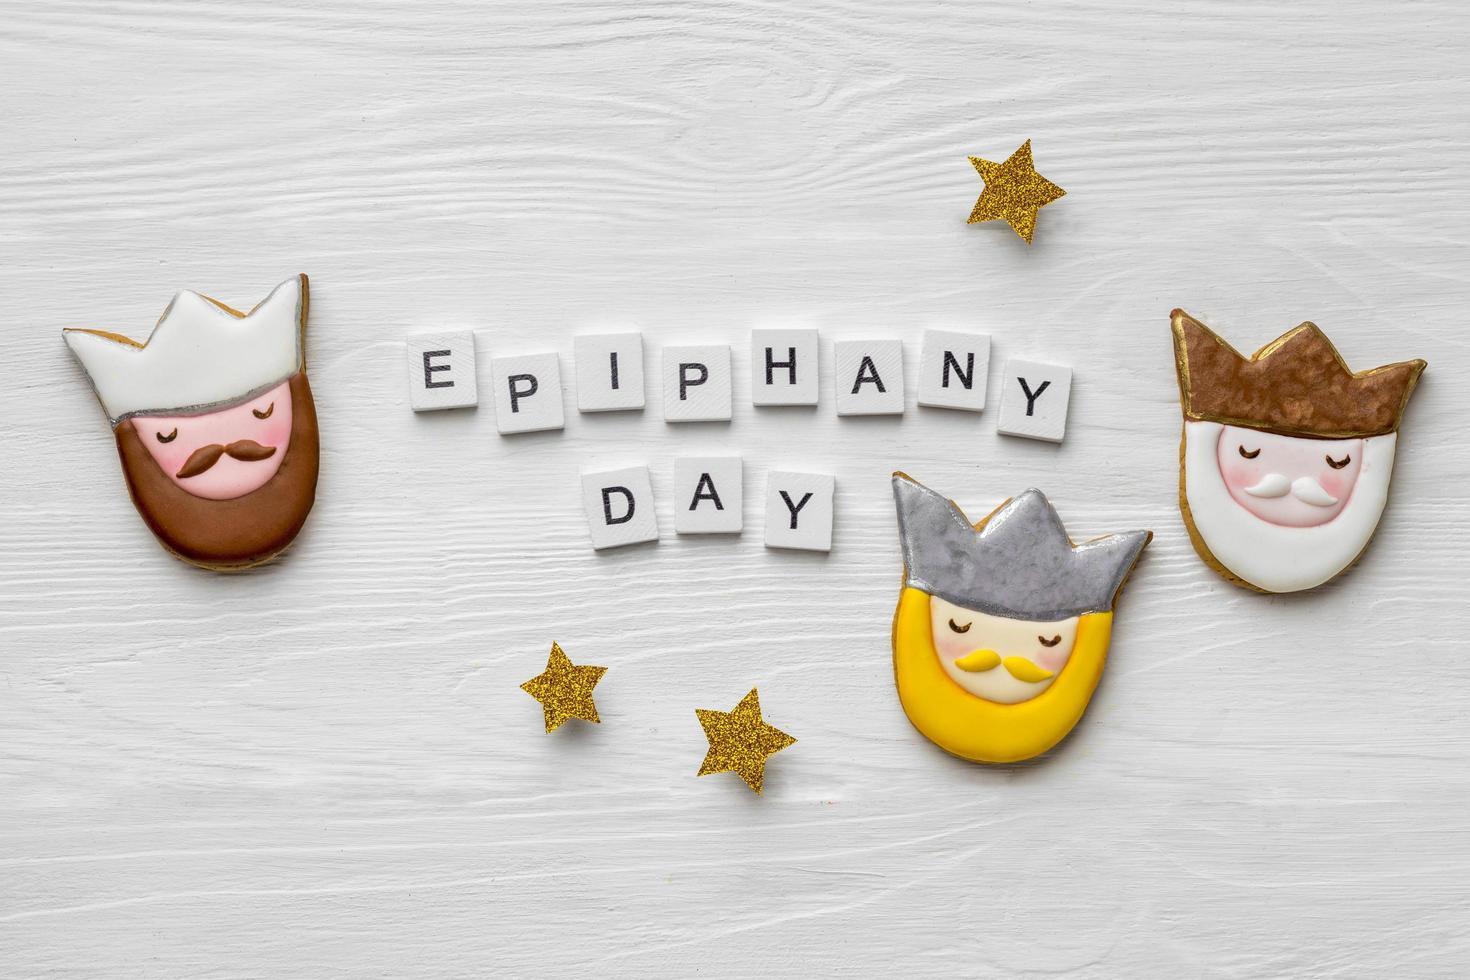 epiphany day brev och kakor foto